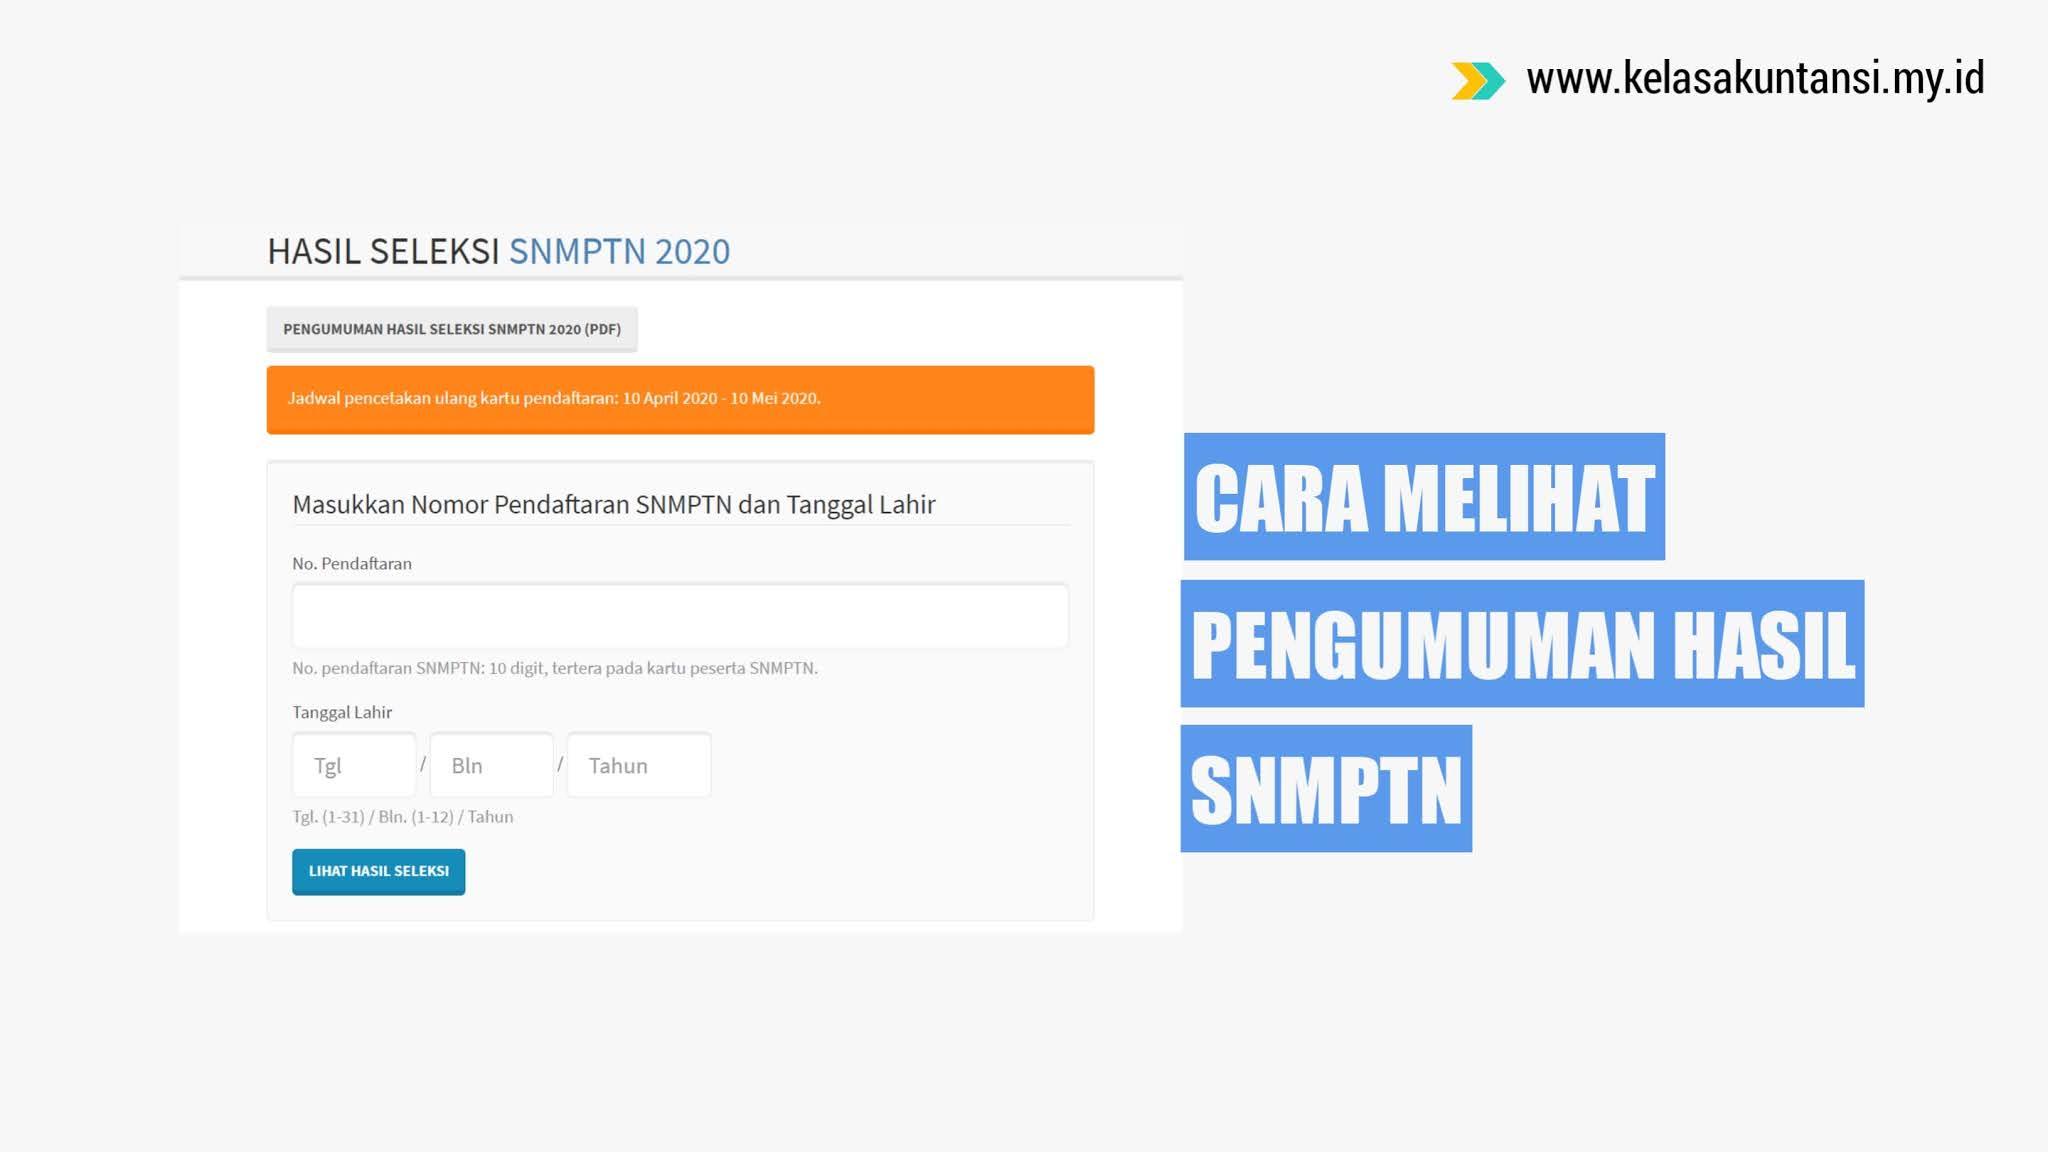 Cara Melihat Pengumuman Hasil SNMPTN